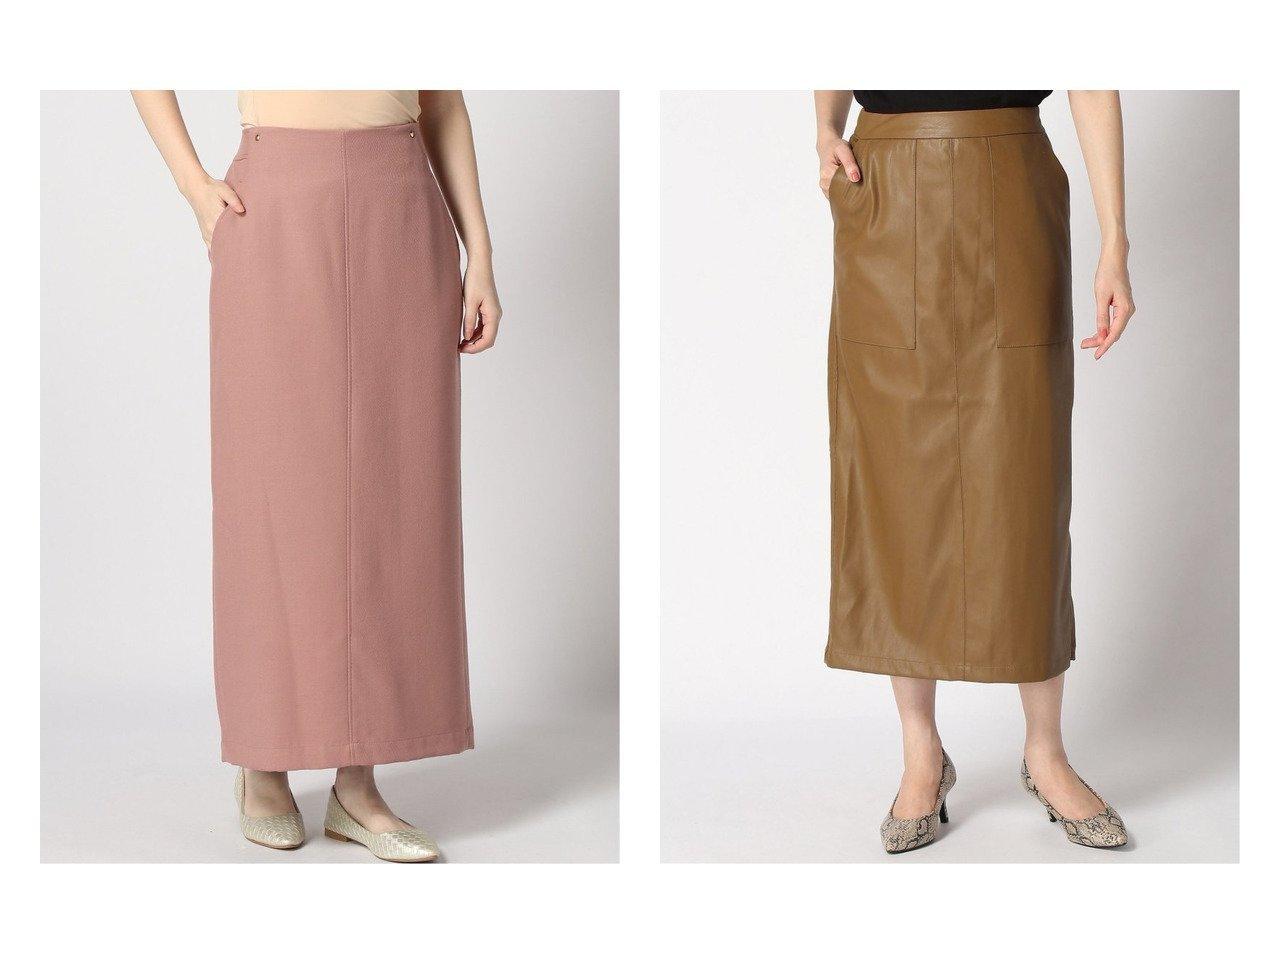 【LOWRYS FARM/ローリーズファーム】のECOレザータイトスカート&【SLOBE IENA/スローブ イエナ】のウールコンツイル ロングタイトSK スカートのおすすめ!人気、トレンド・レディースファッションの通販  おすすめで人気の流行・トレンド、ファッションの通販商品 メンズファッション・キッズファッション・インテリア・家具・レディースファッション・服の通販 founy(ファニー) https://founy.com/ ファッション Fashion レディースファッション WOMEN スカート Skirt 2020年 2020 2020-2021 秋冬 A/W AW Autumn/Winter / FW Fall-Winter 2020-2021 A/W 秋冬 AW Autumn/Winter / FW Fall-Winter シンプル スリット タイトスカート ポケット |ID:crp329100000009710